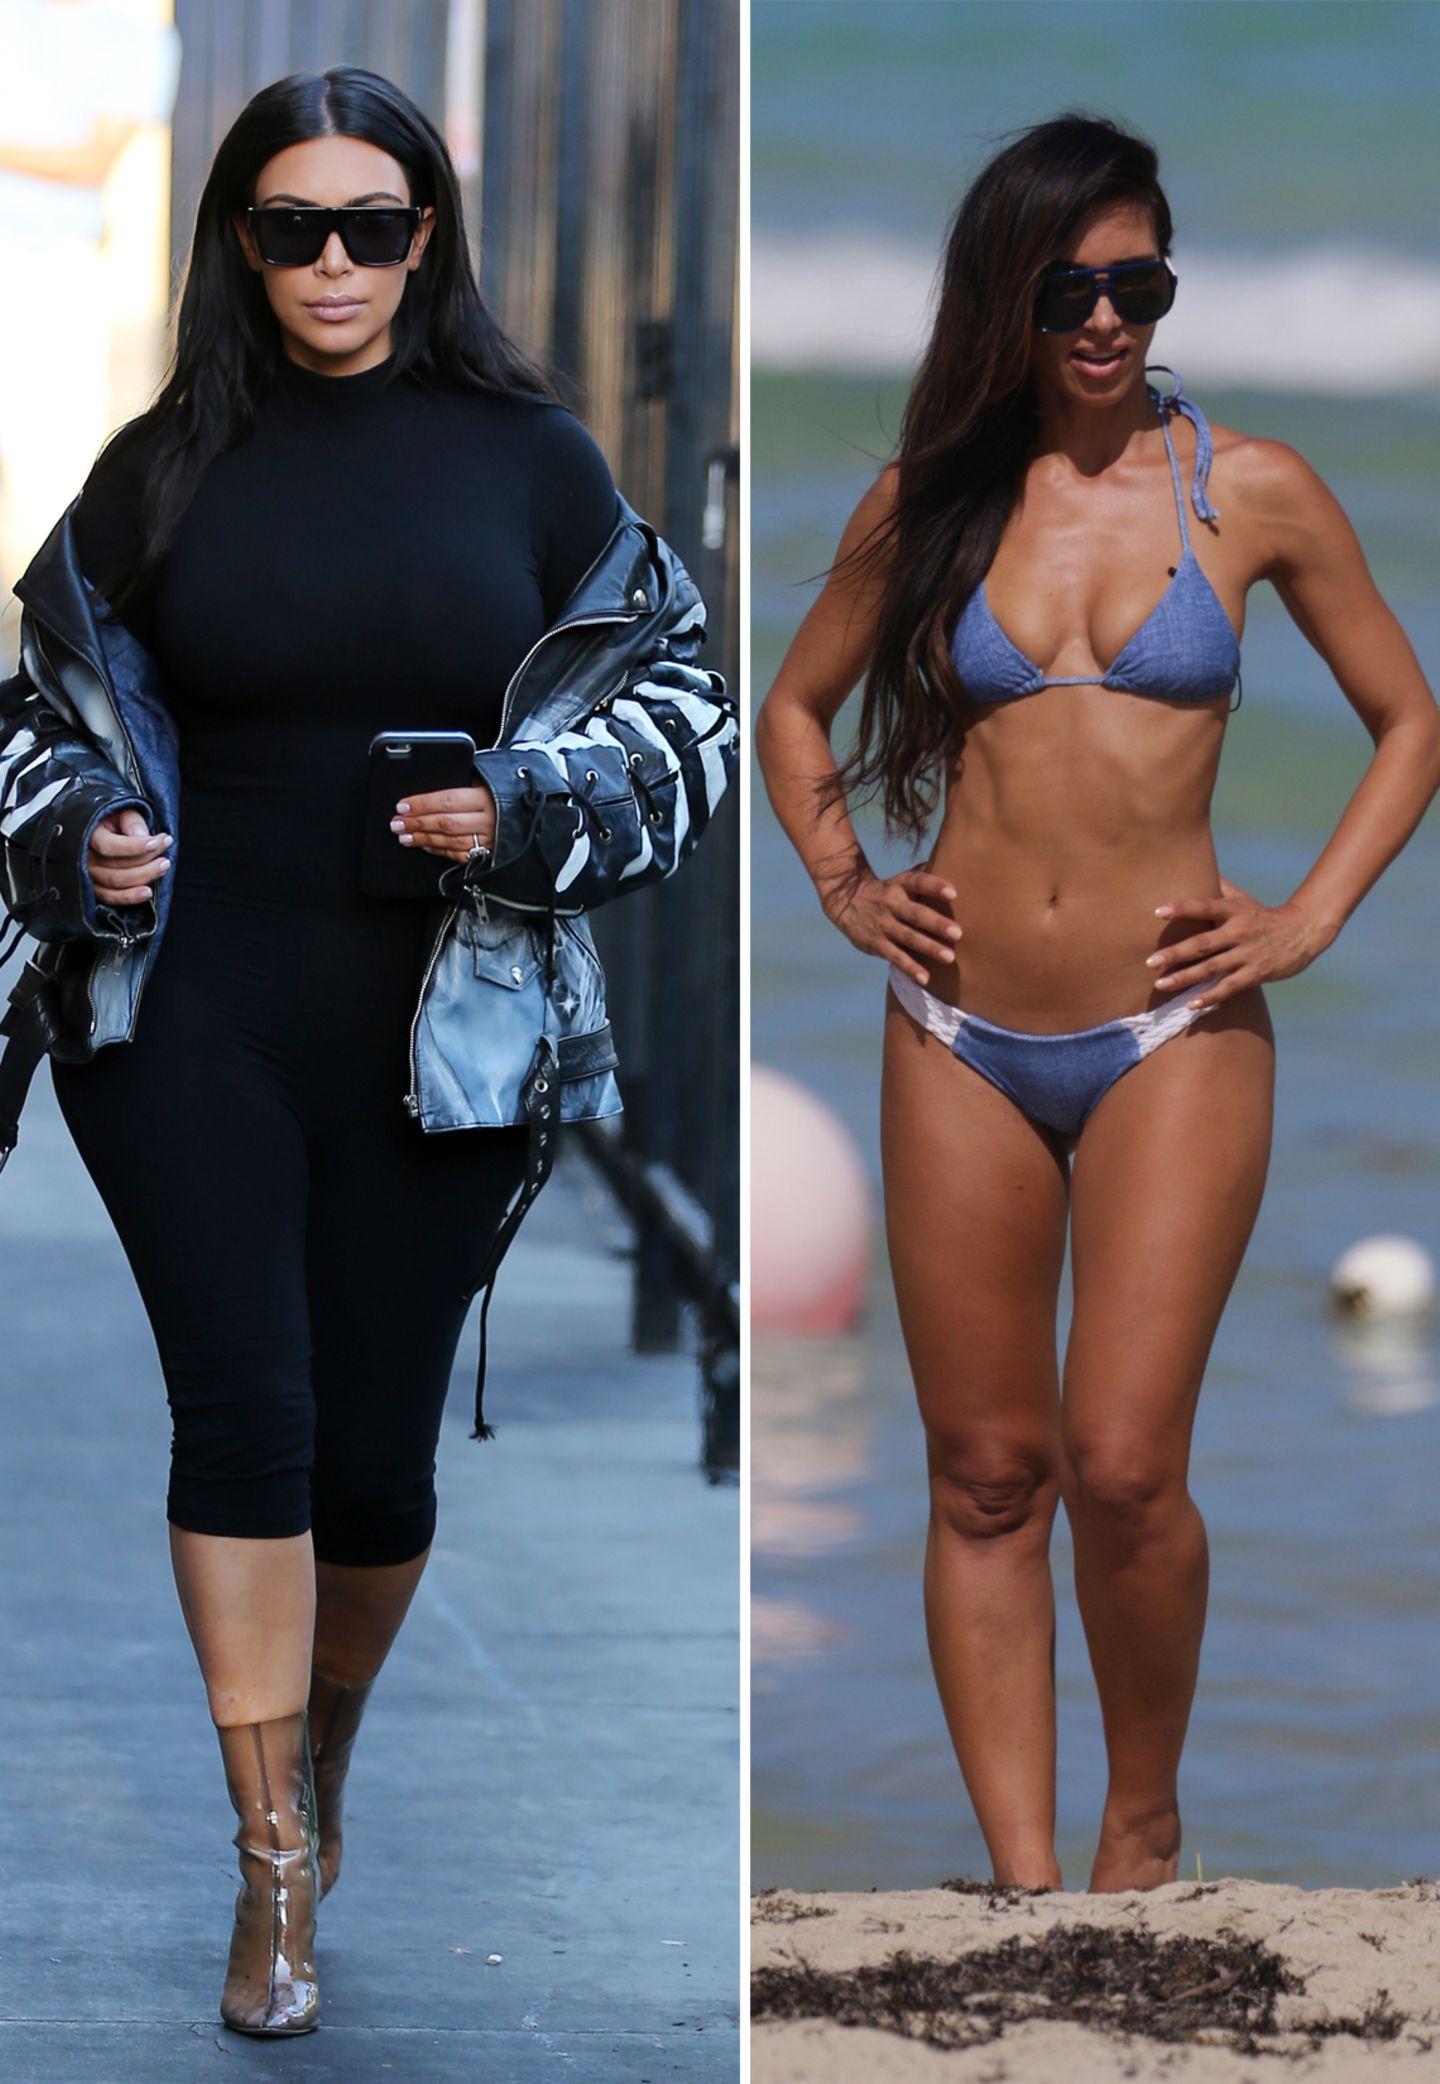 Nach ihrer Schwangerschaft will Kim Kardashian ihre Pfunde schnellst möglichst wieder loswerden. Deutlich erträglicher wenn man dafür mit drei Millionen Euro entlohnt wird. Das It-Girl hat sich nämlich einen im wahrsten Sinne des Wortes fetten Deal mit Atkins geschnappt und isst ab sofort nur noch Gemüse und Fleisch.